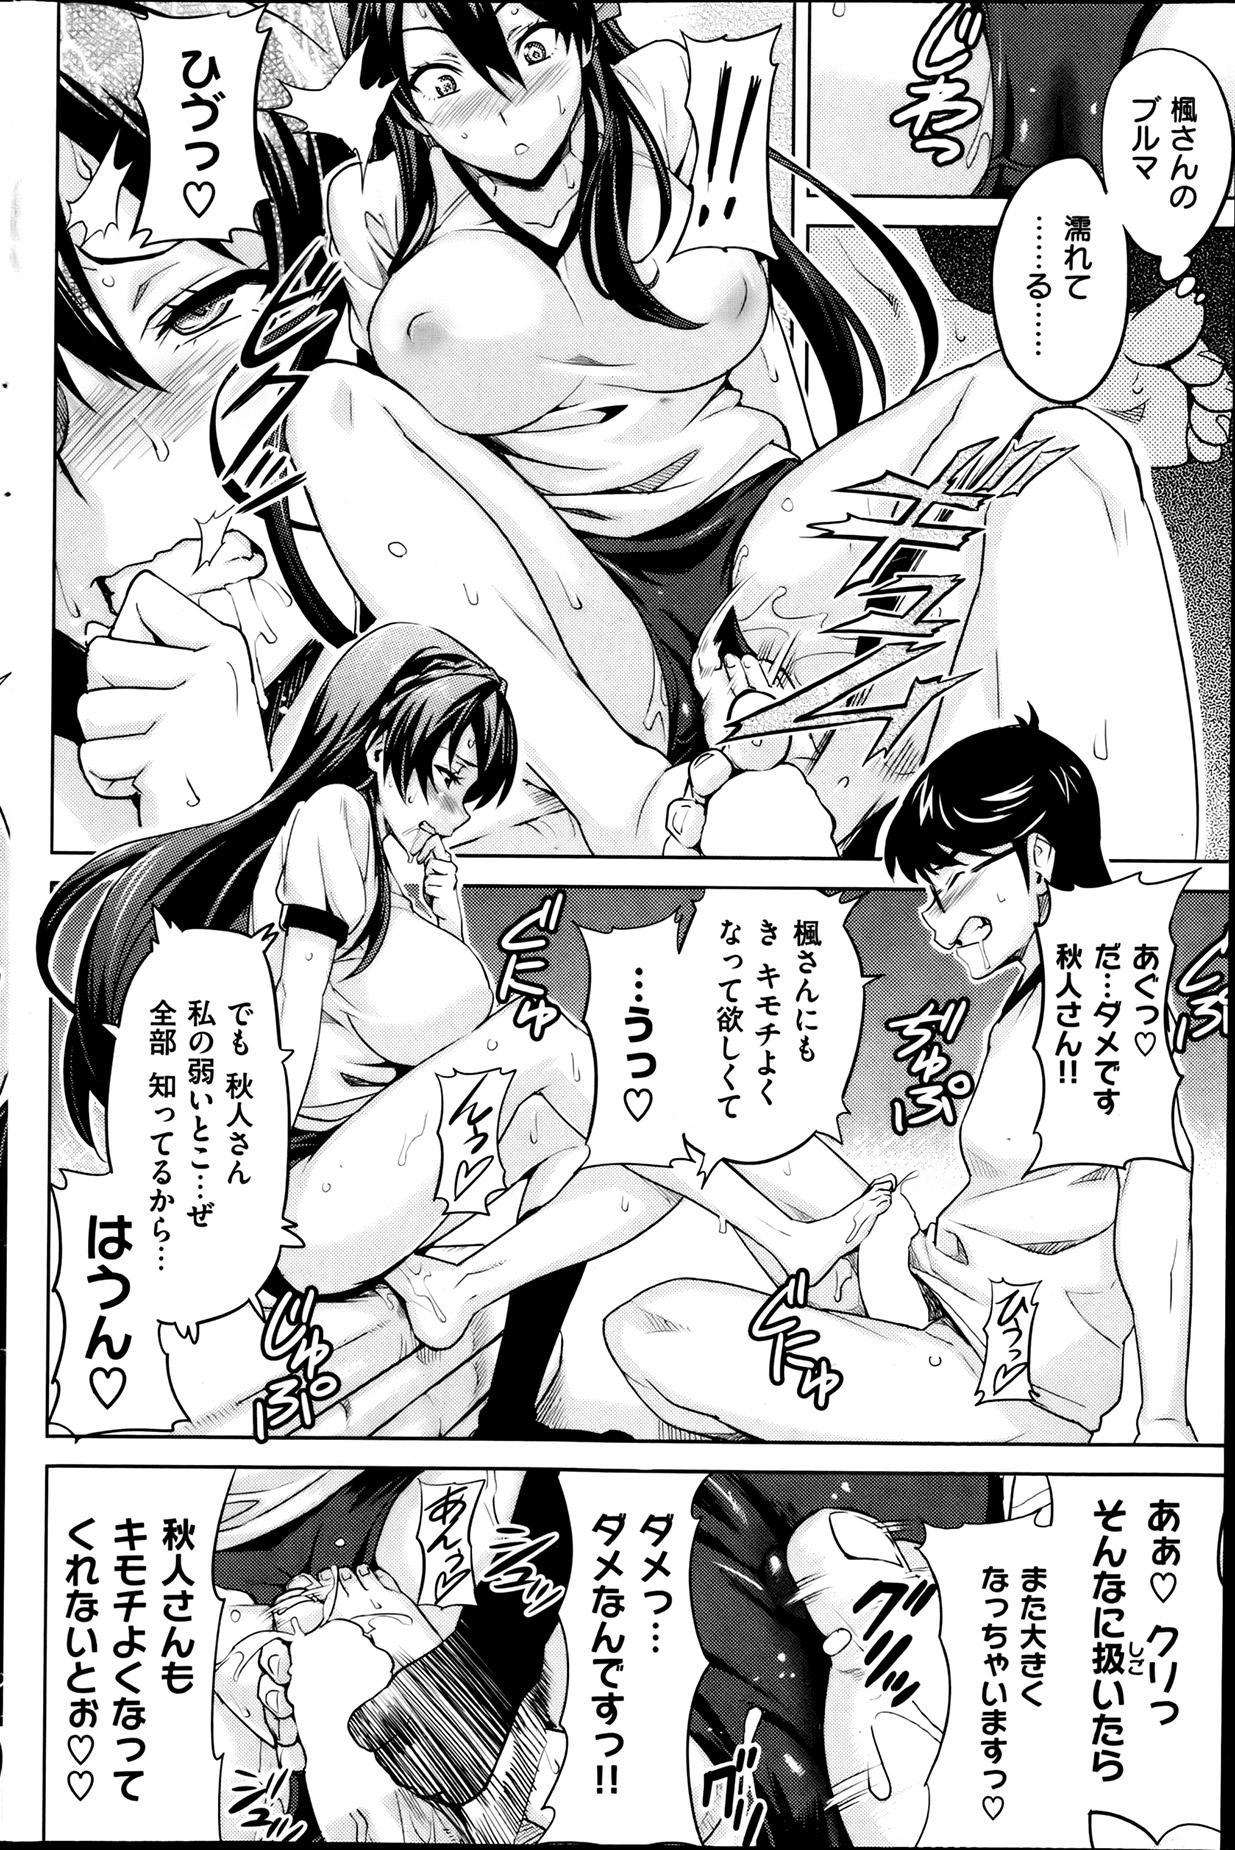 COMIC HANA-MAN 2013-08 Takeda Hiromitsu Tokushuu 171